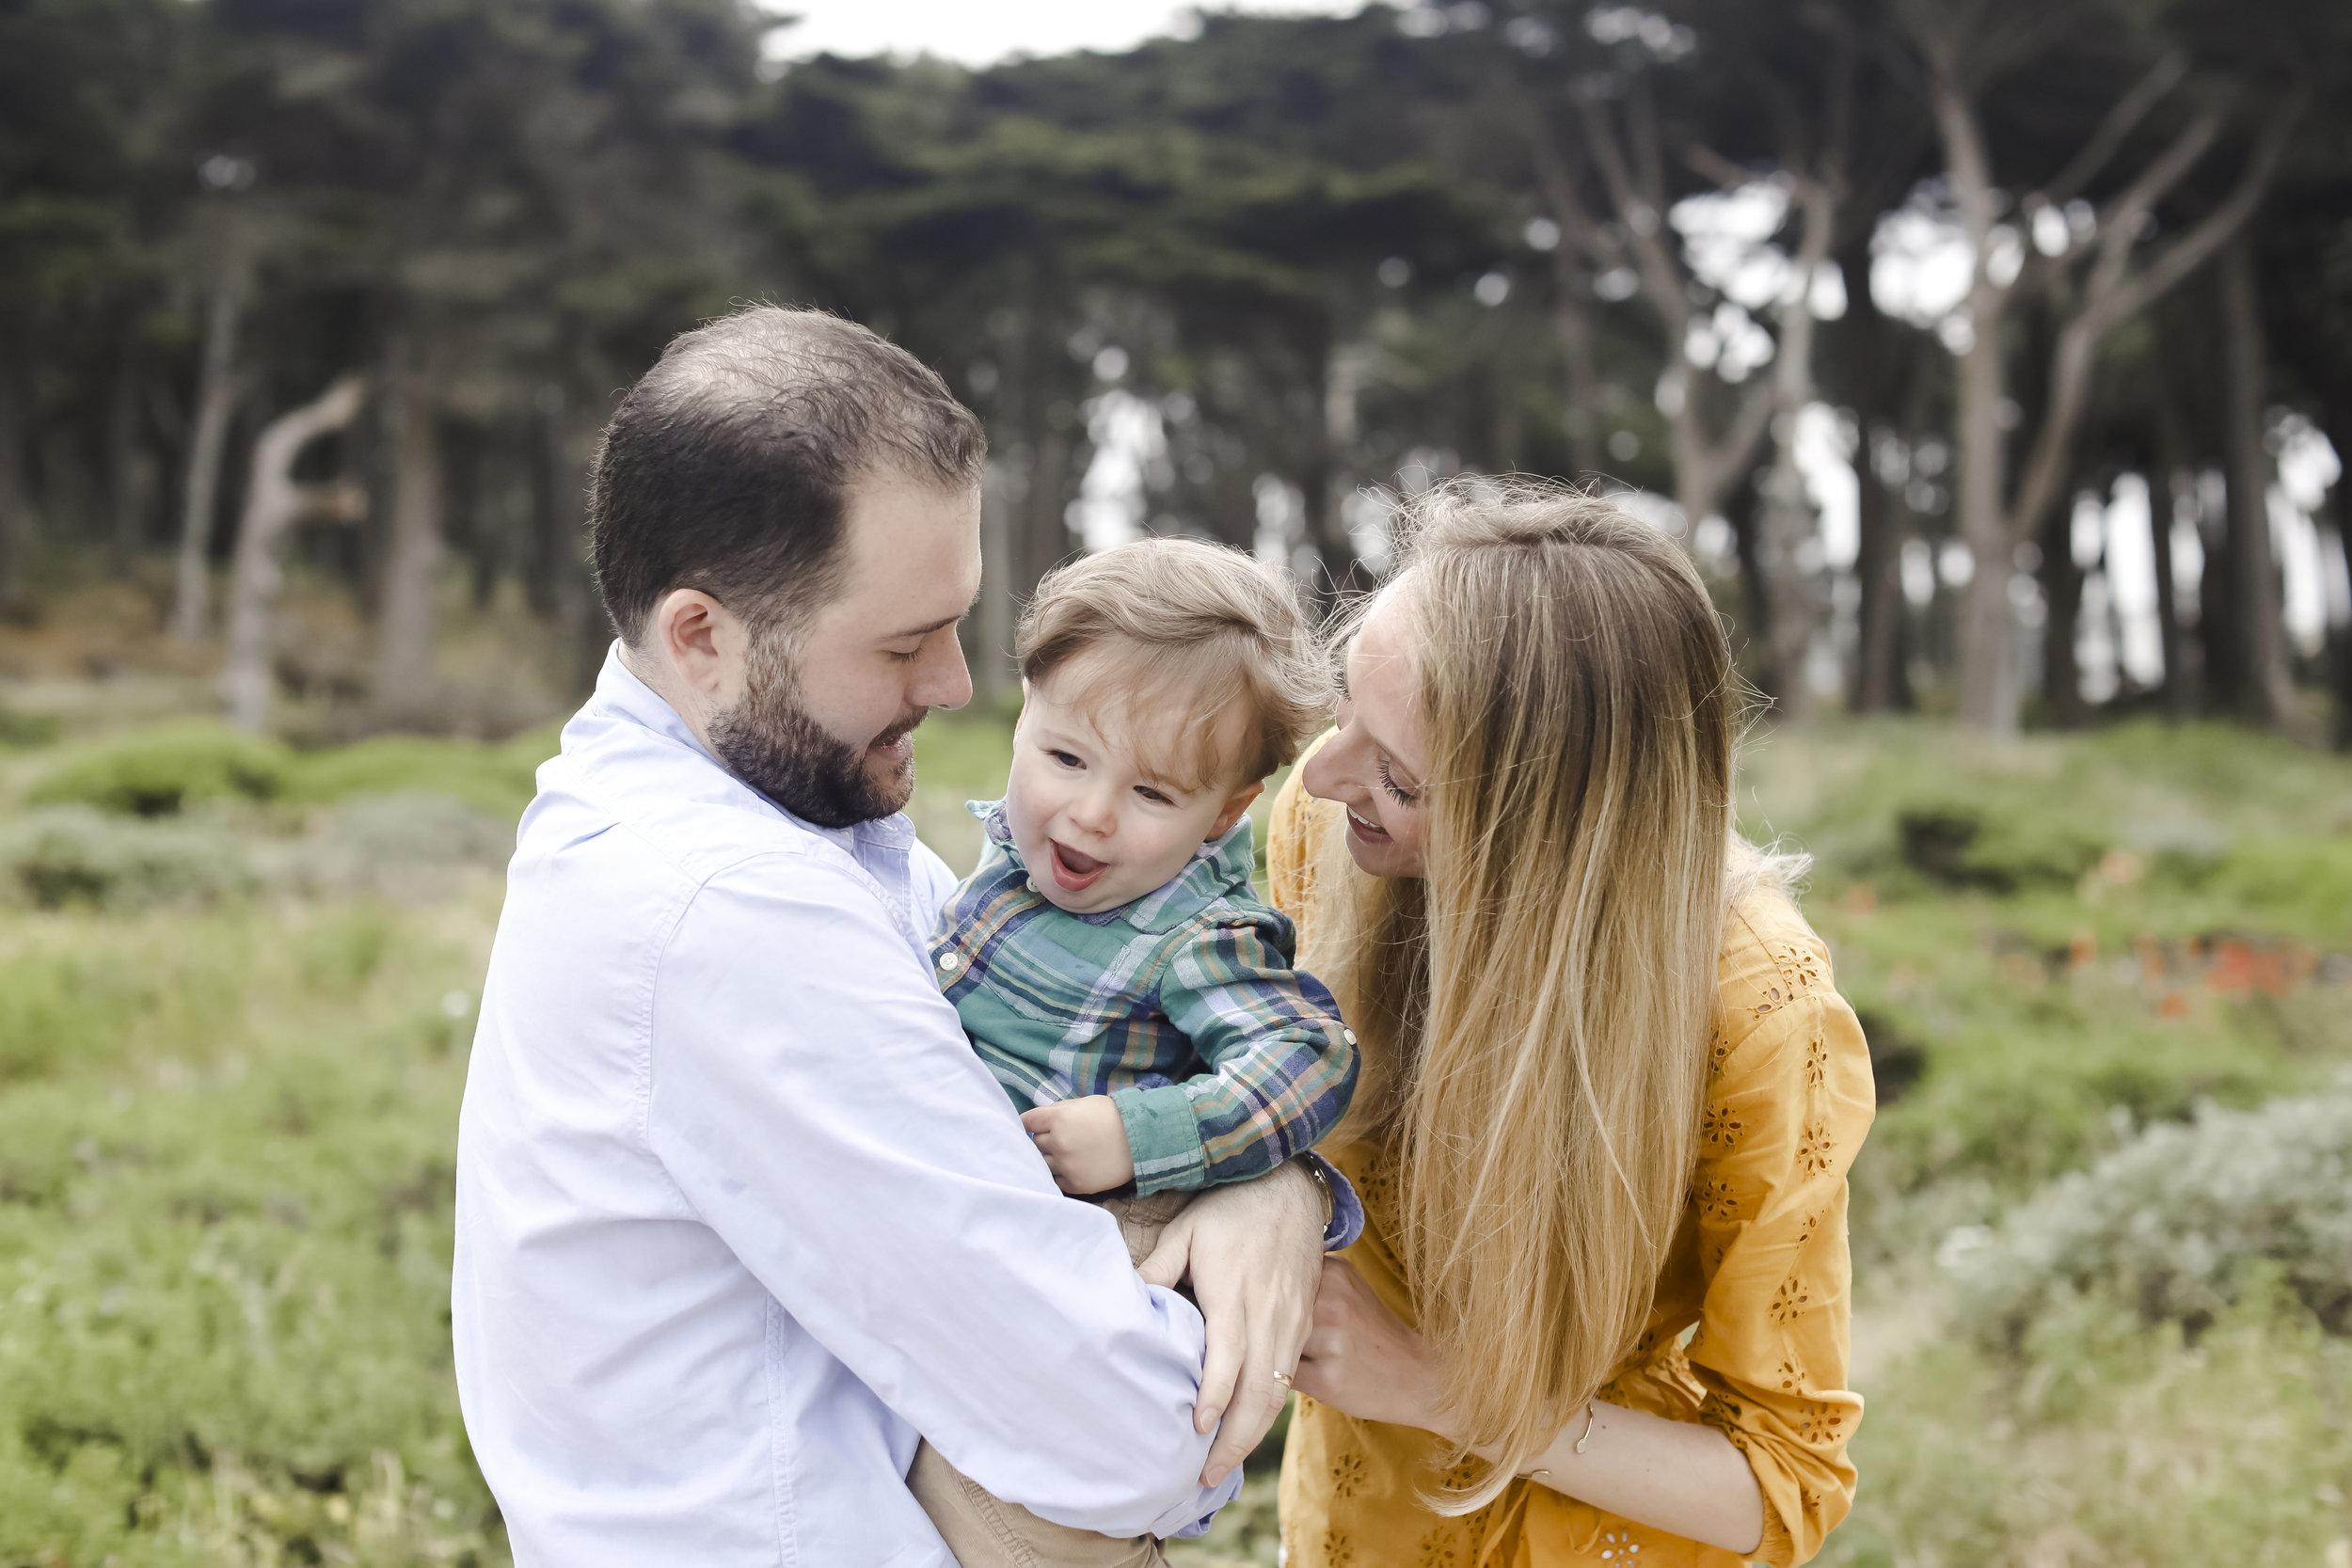 wiemanfamily-ahp-00011.jpg